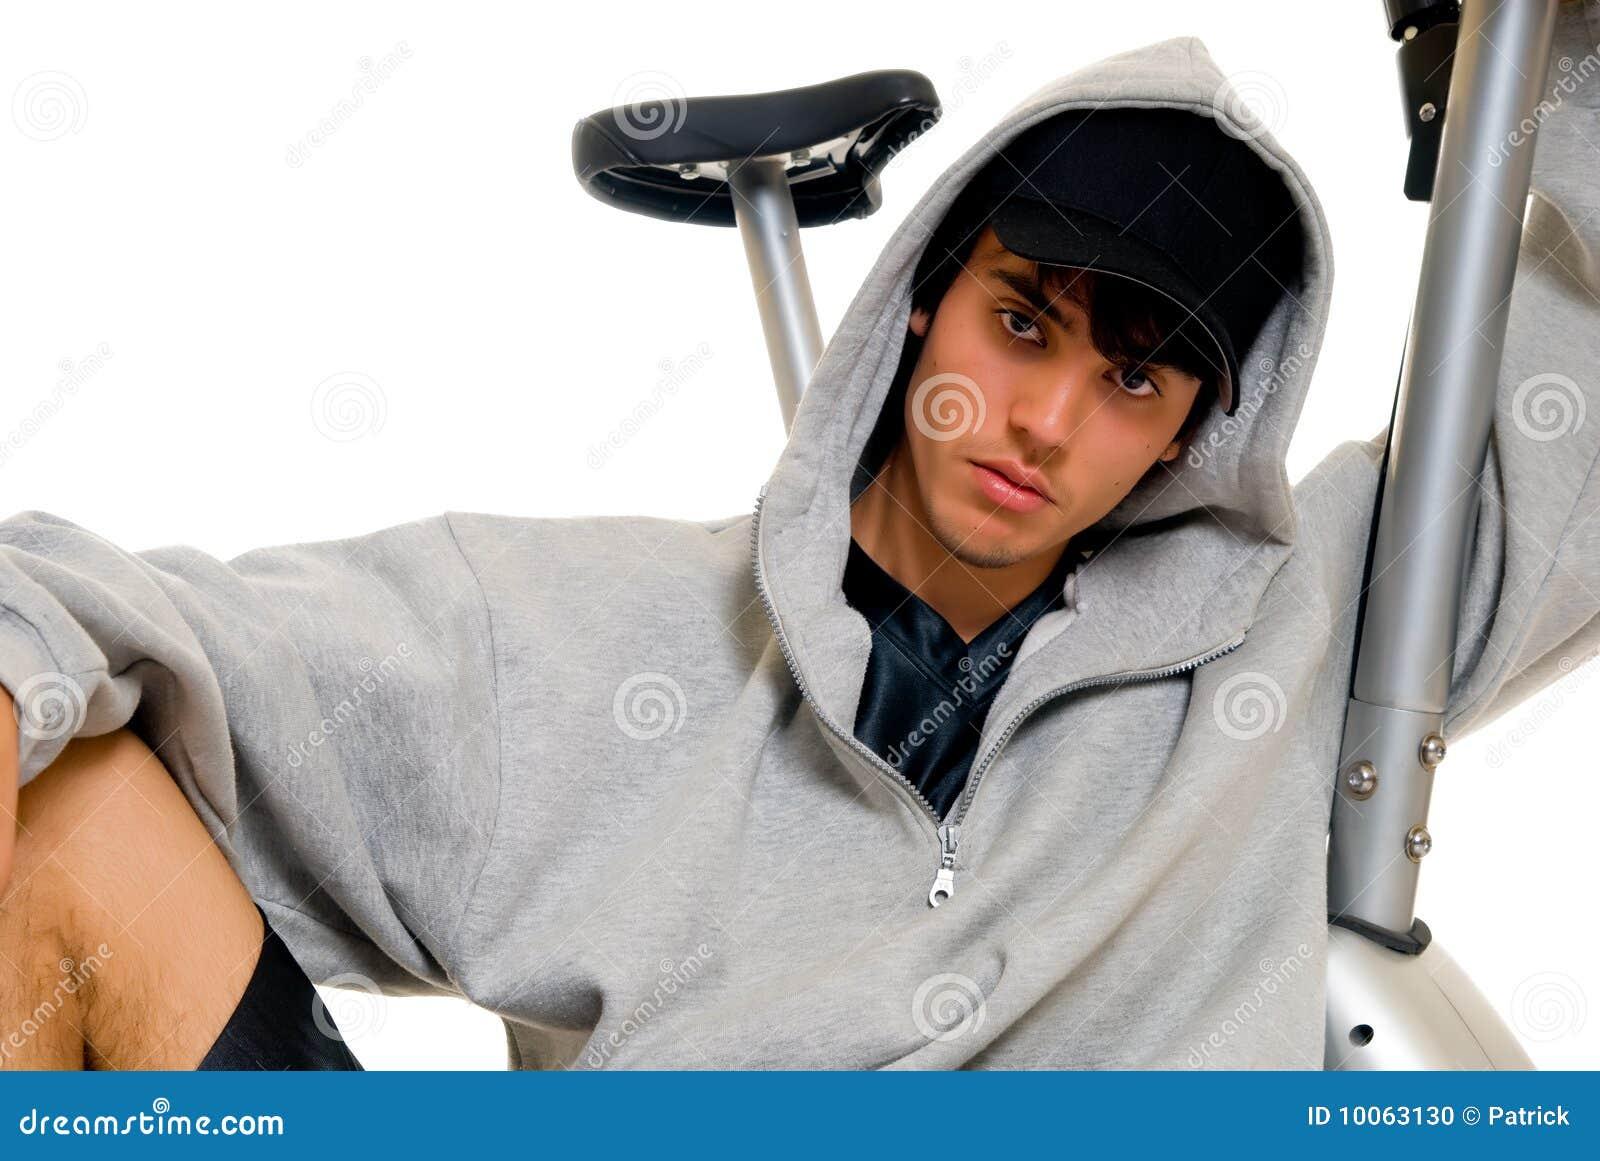 Bicicleta da aptidão do adolescente